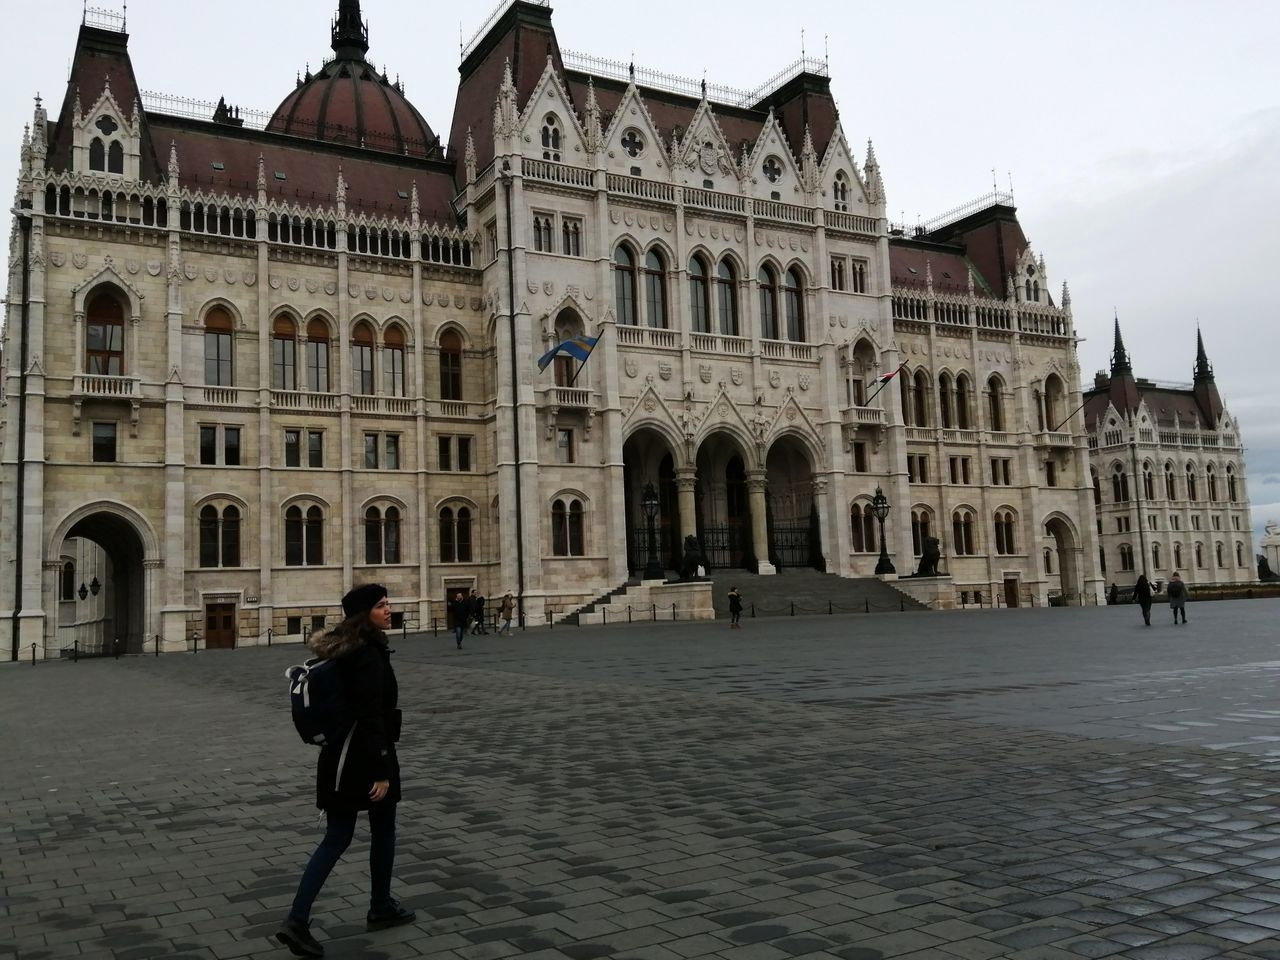 Entradas al Parlamento de Budapest: los tours comienzan en el lado derecho de esta fachada.